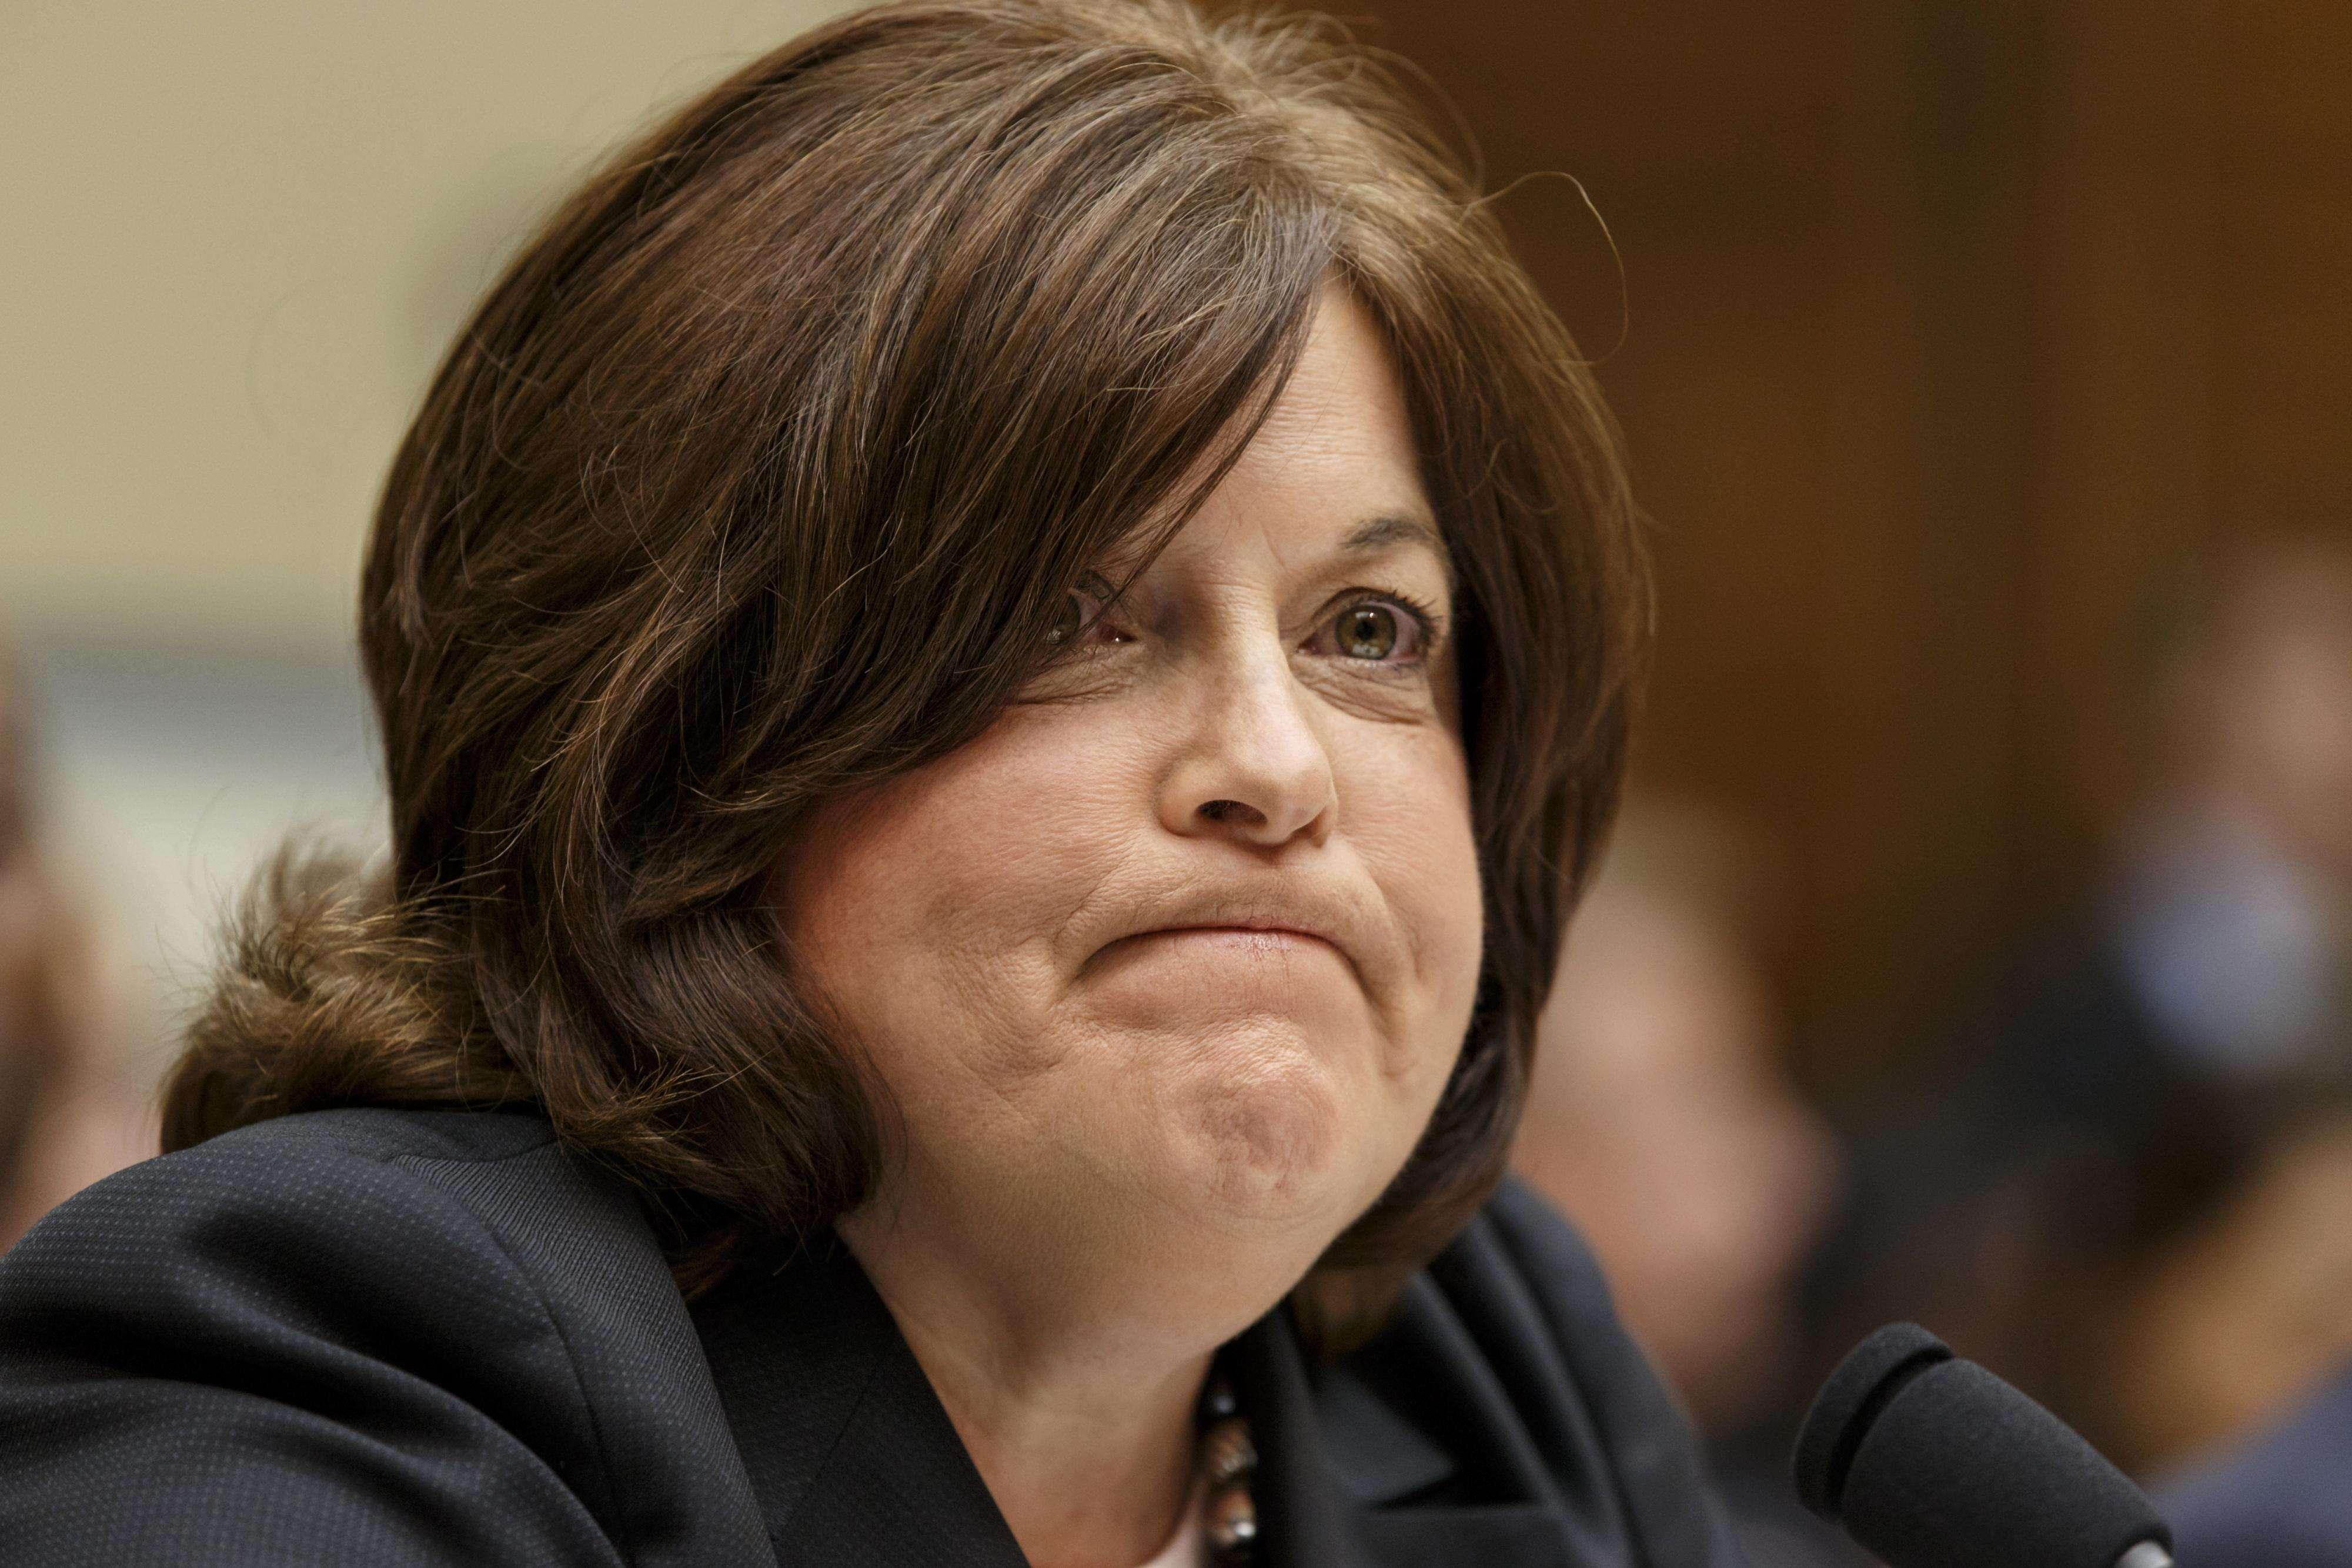 Julia Pierson compareció este martes 30 de septiembre ante la Comisión de Reforma y Supervisión de Gobierno de la Cámara de Representantes por las fallas de seguridad en la Casa Blanca. Foto: AP en español